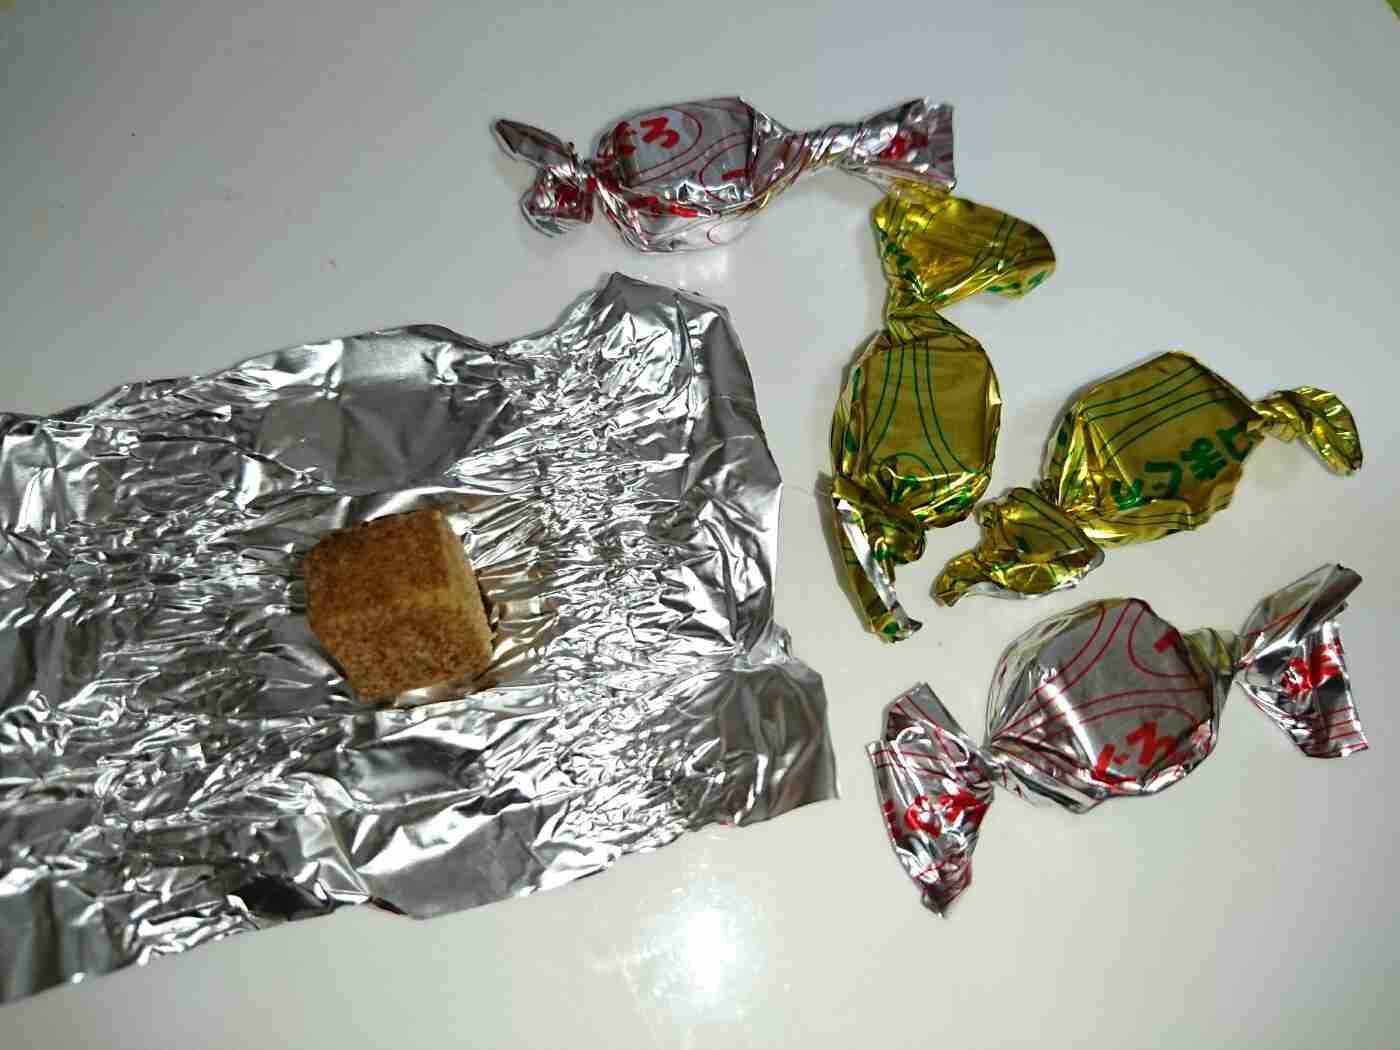 おじいちゃんおばあちゃん家、または実家によくあったお菓子